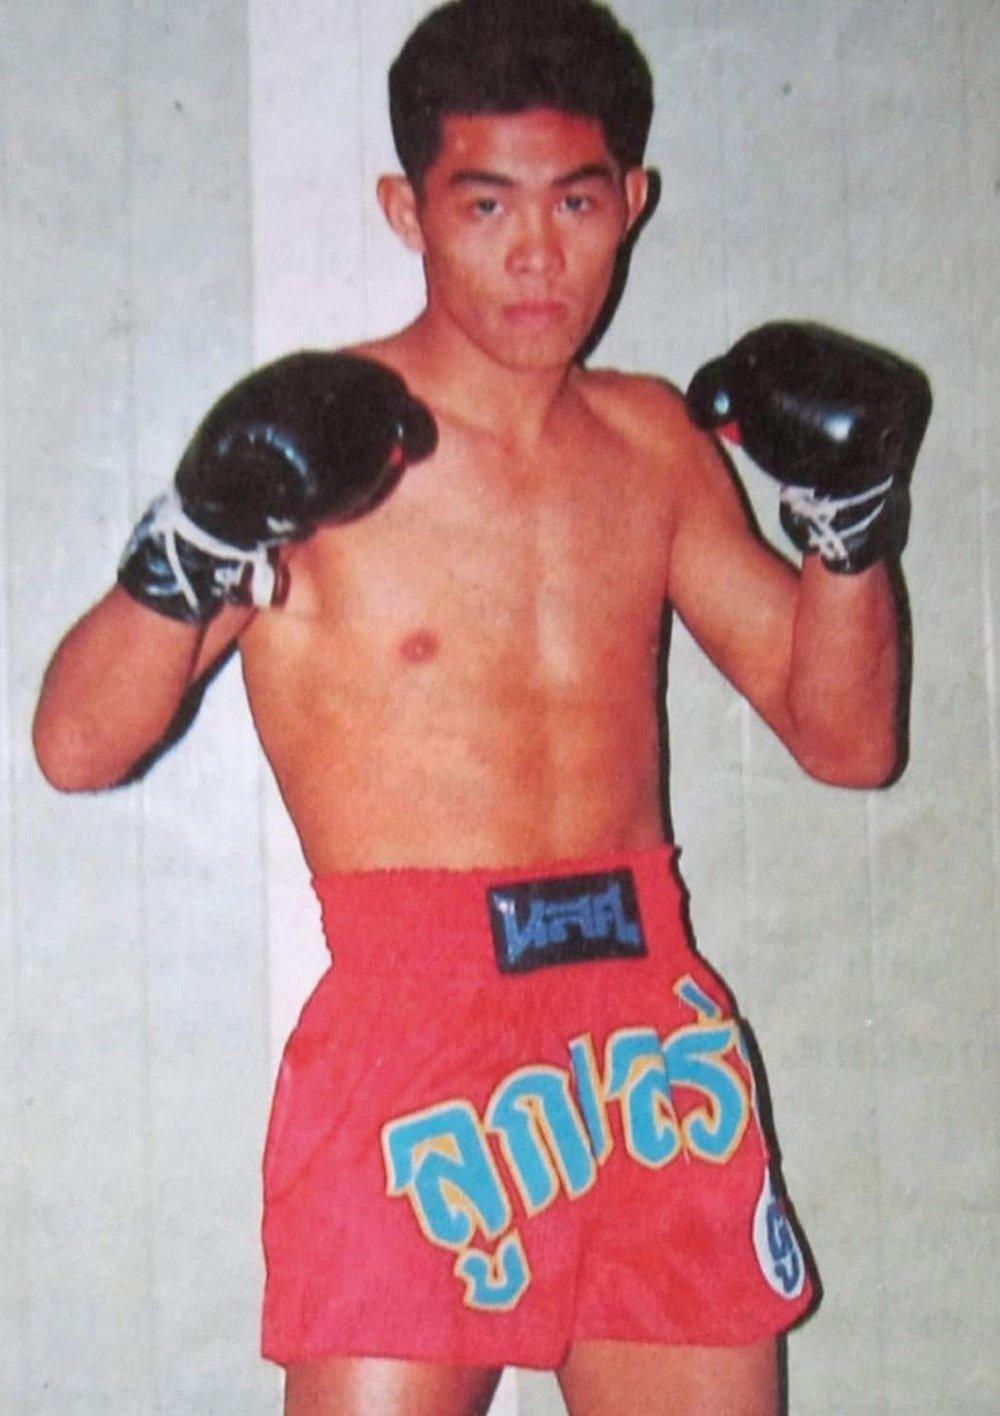 Huyền thoại Muay Thái dùng súng tự sát tại võ đường khiến dư luận Thái Lan bàng hoàng - Ảnh 3.